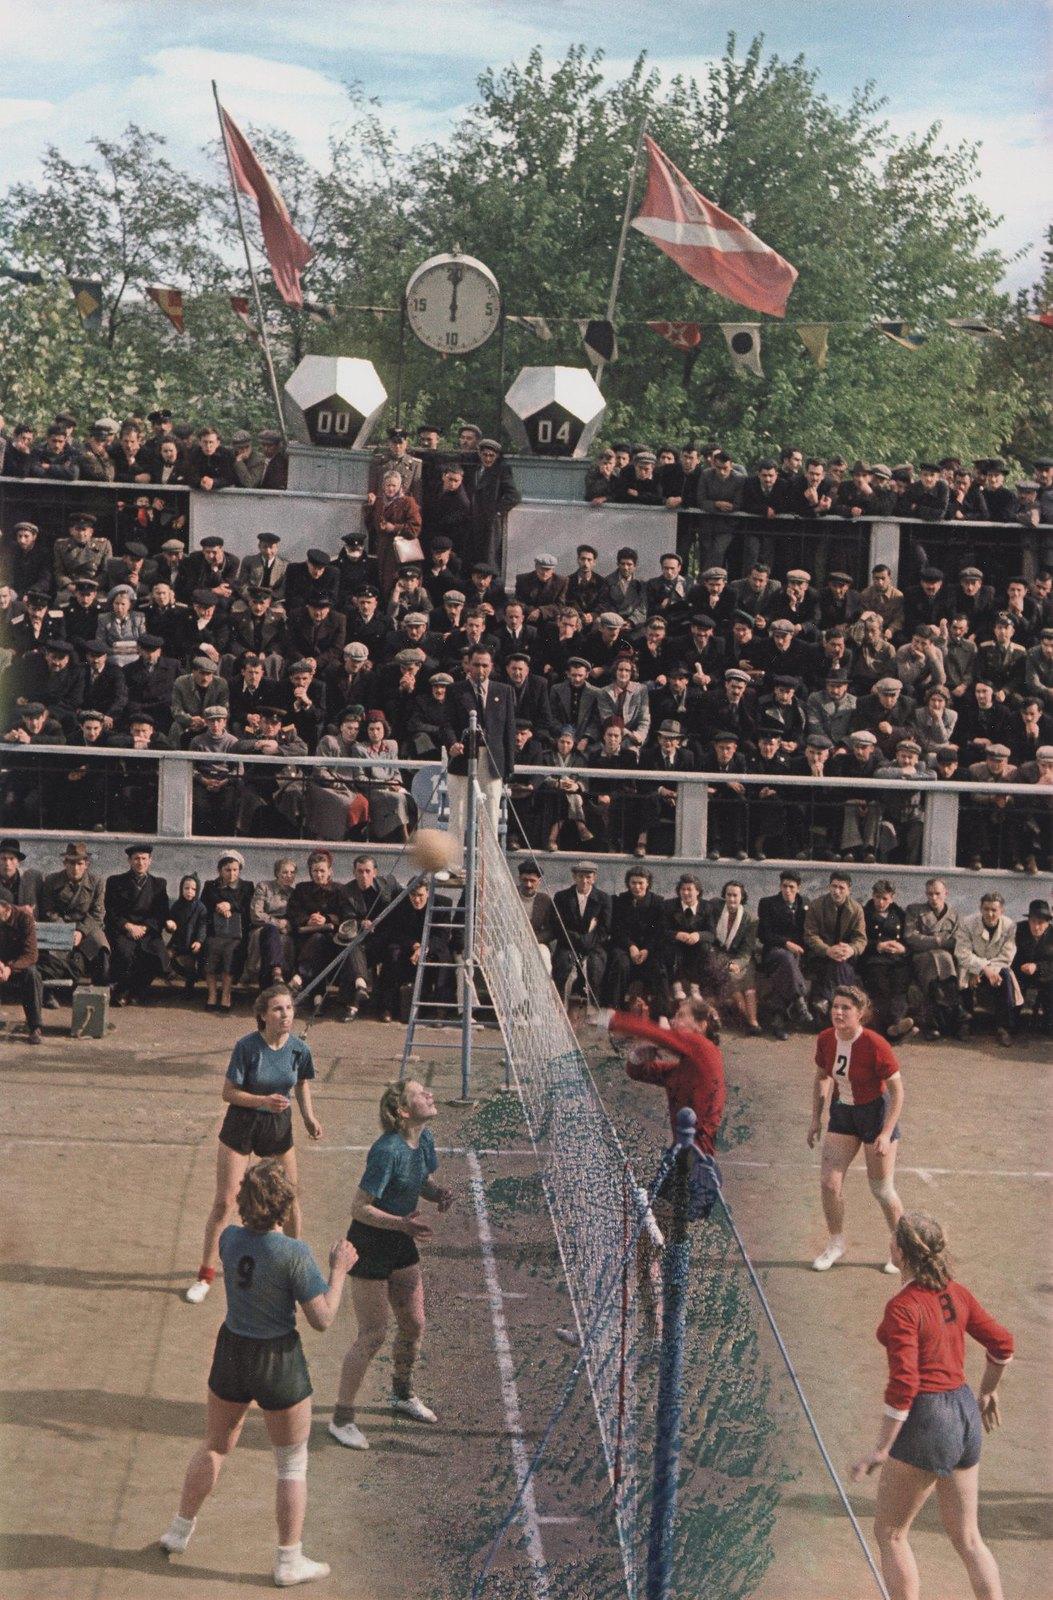 1951. Чемпионат СССР по волейболу среди женщин. 24 октября - 3 ноября.